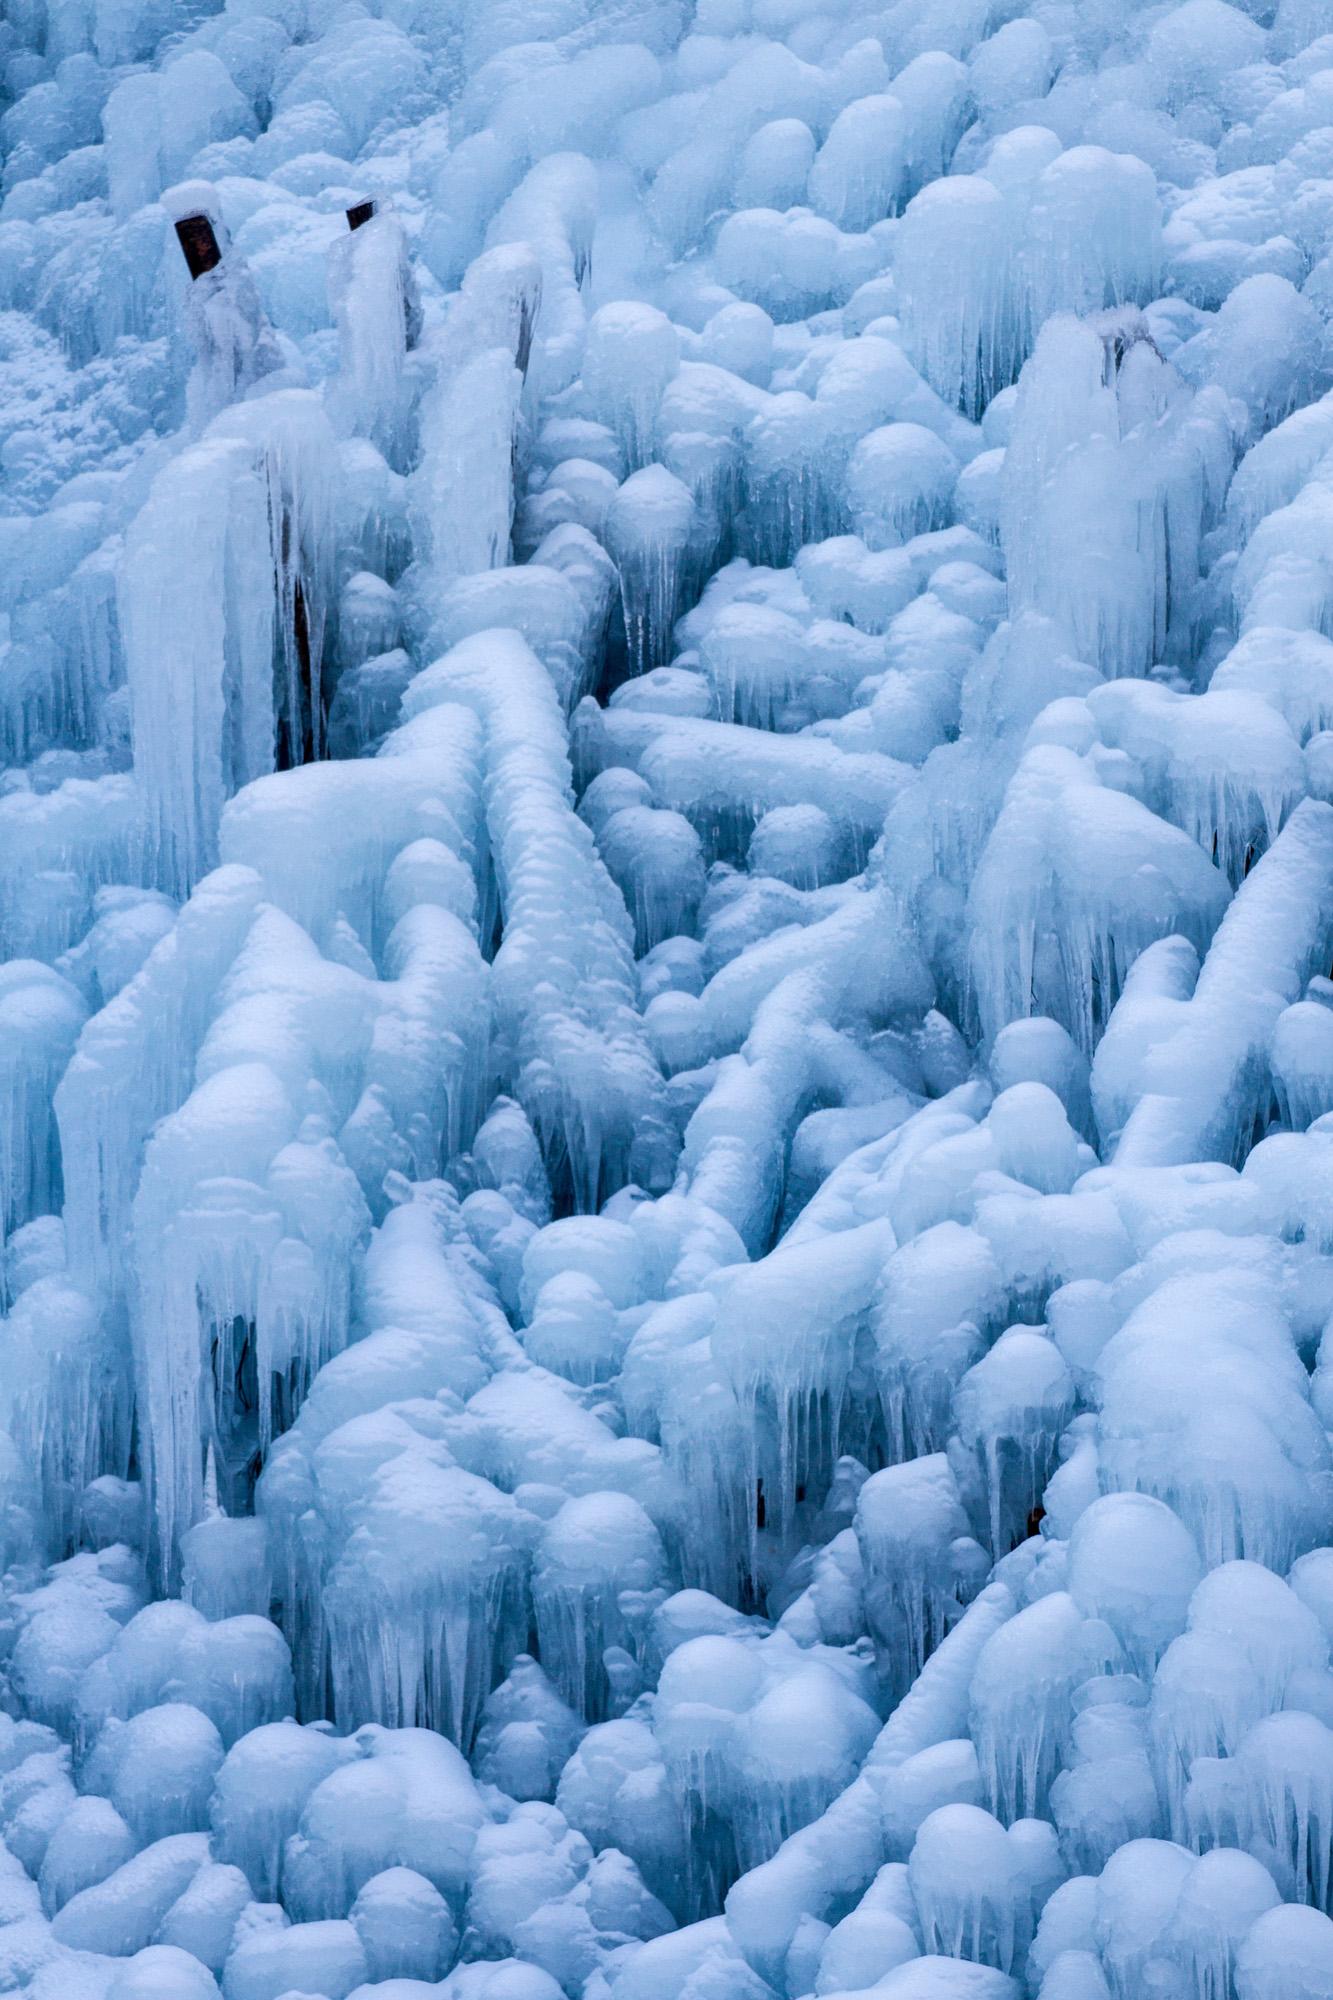 凍てつきの造形 Ⅳ